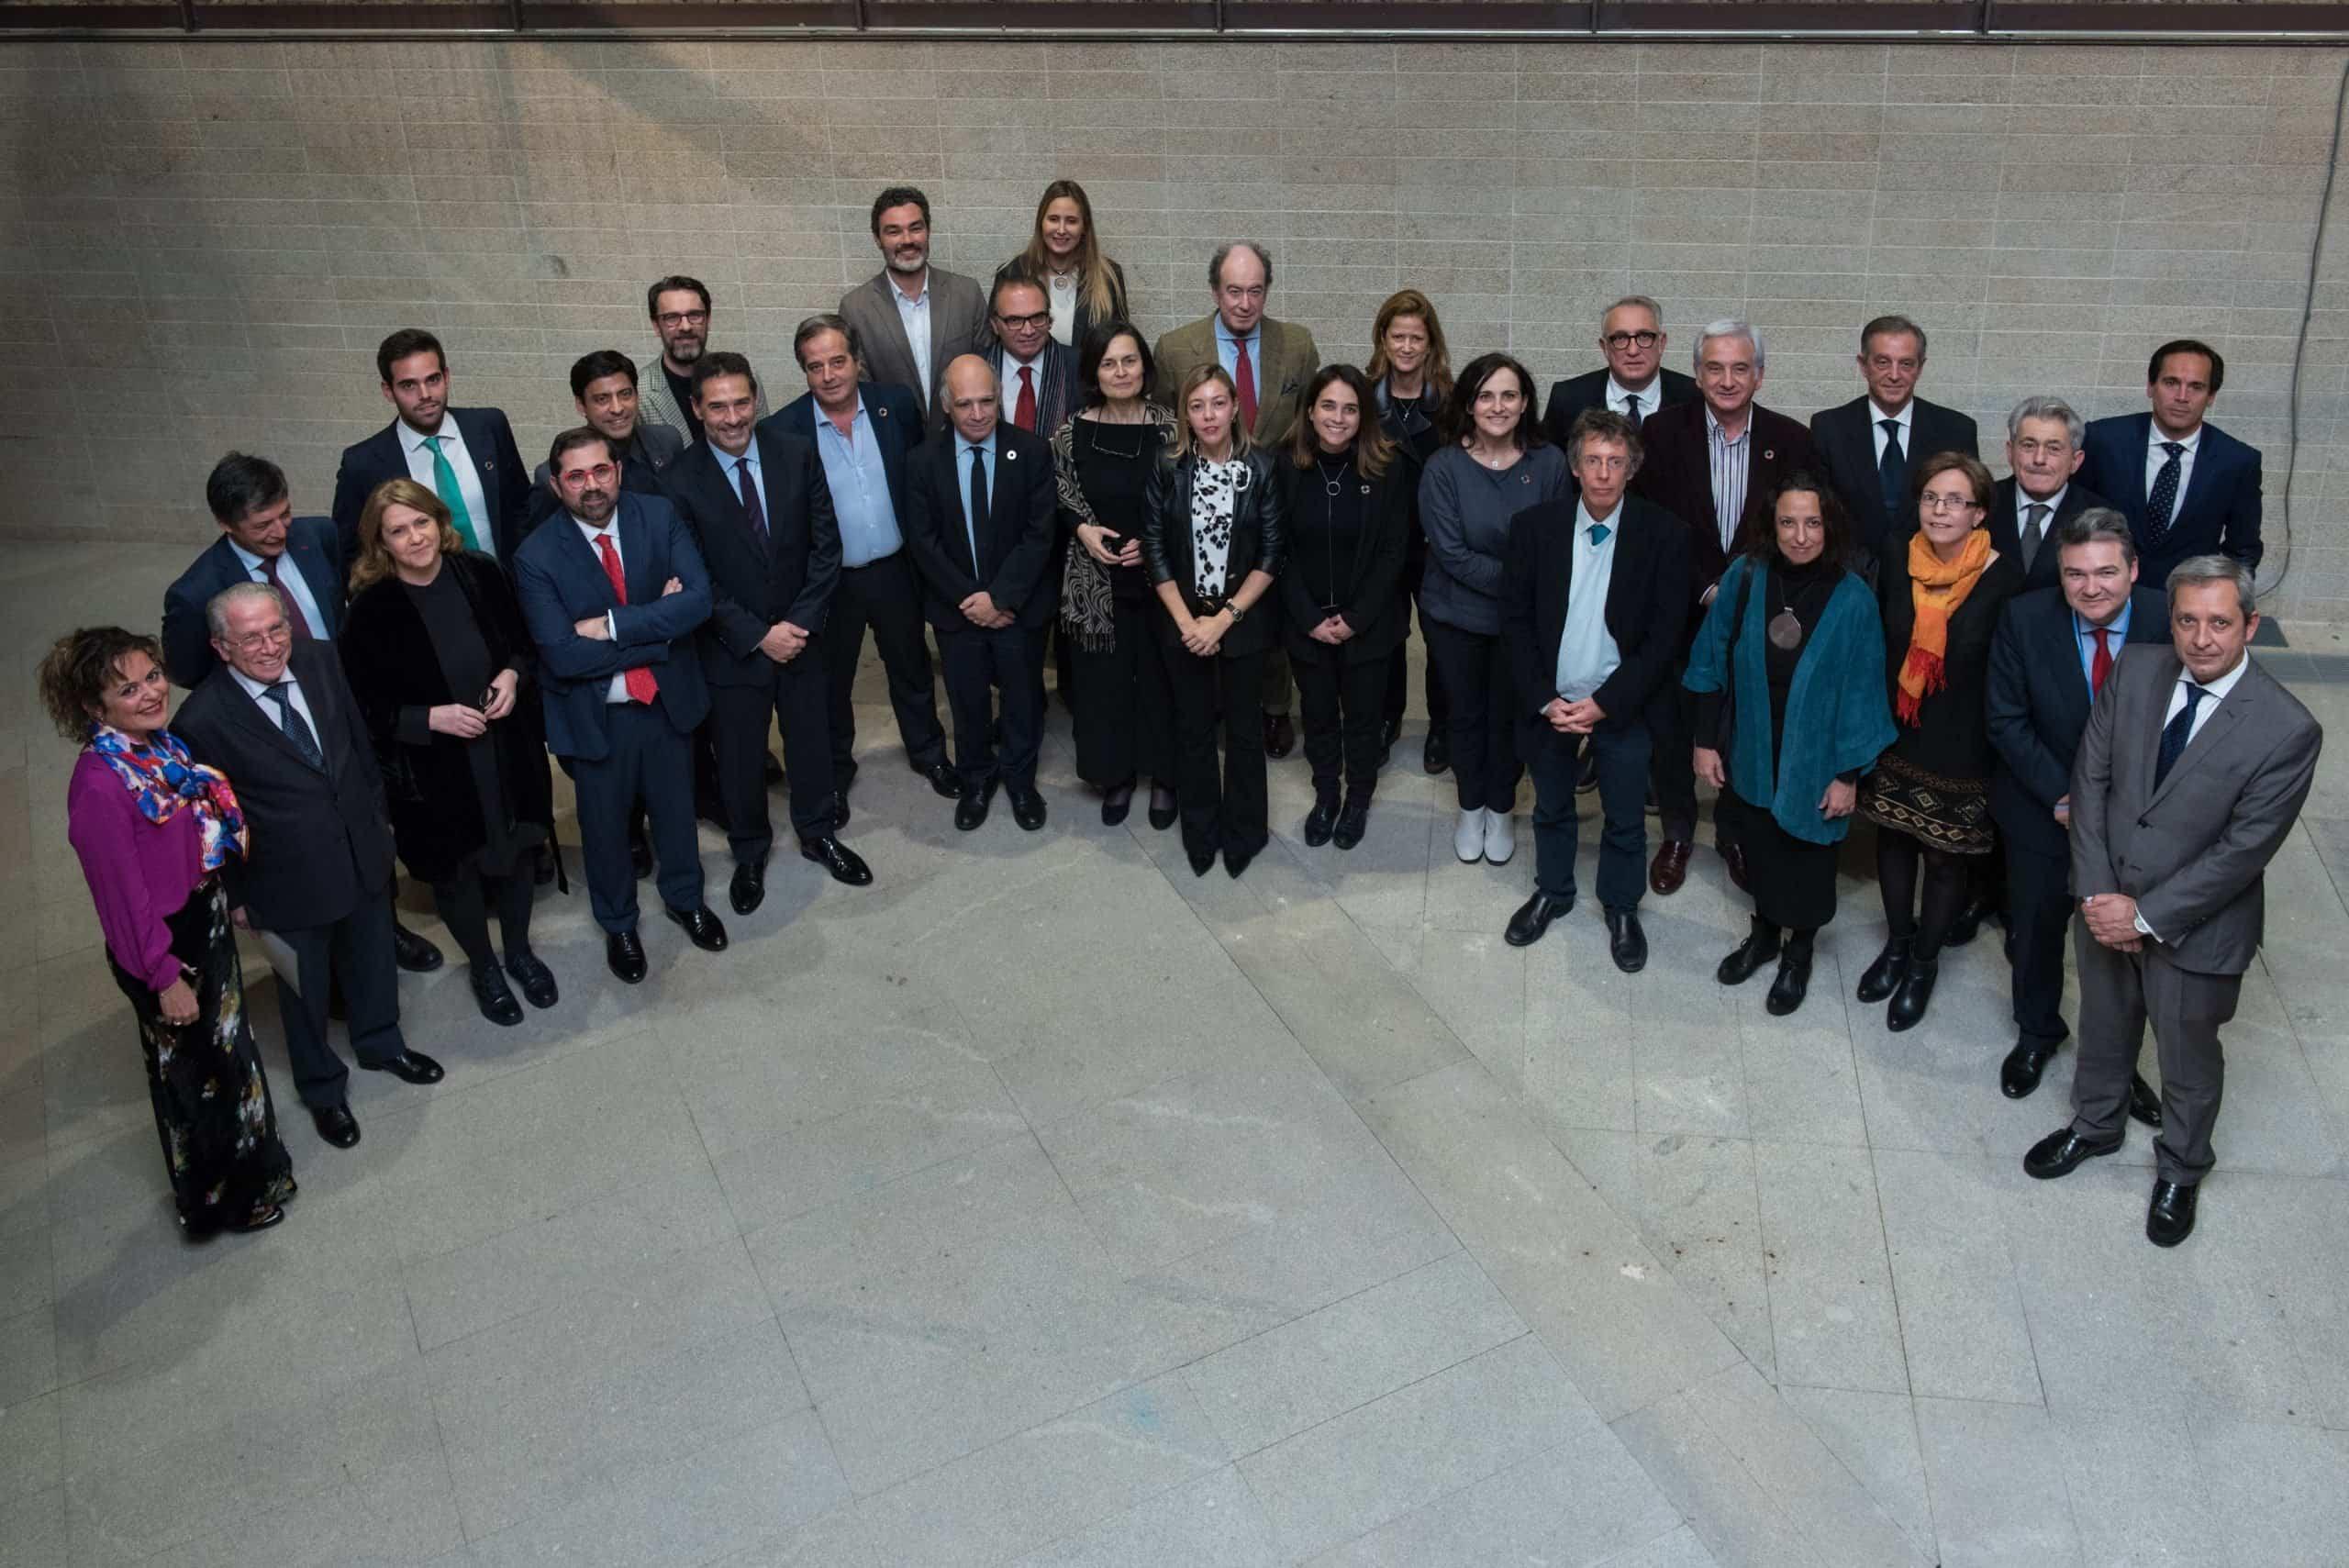 La alianza estratégica del sector de la edificación para alcanzar los Objetivos de Desarrollo Sostenible se consolida con las actividades organizadas por los arquitectos en el marco de la COP25